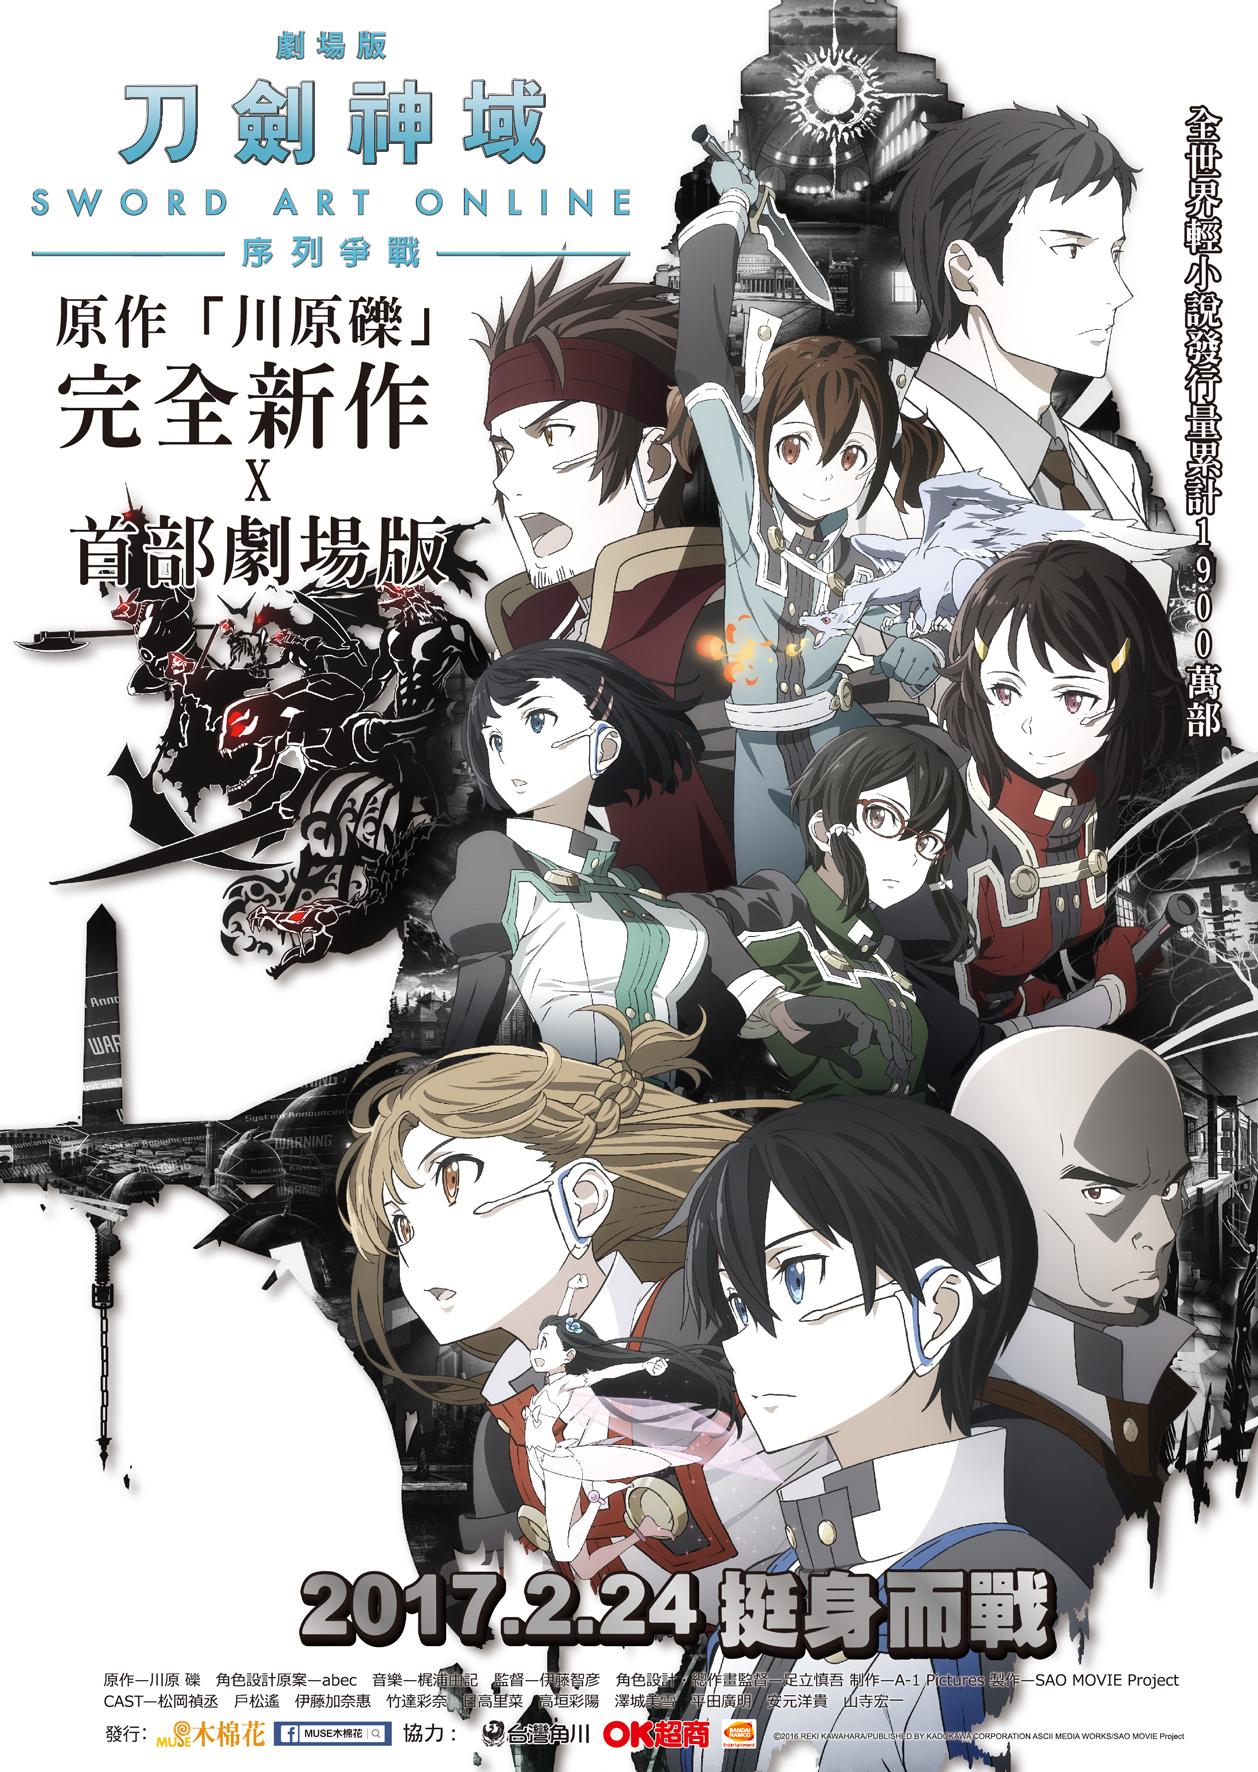 刀劍神域/劇場版:序列爭戰